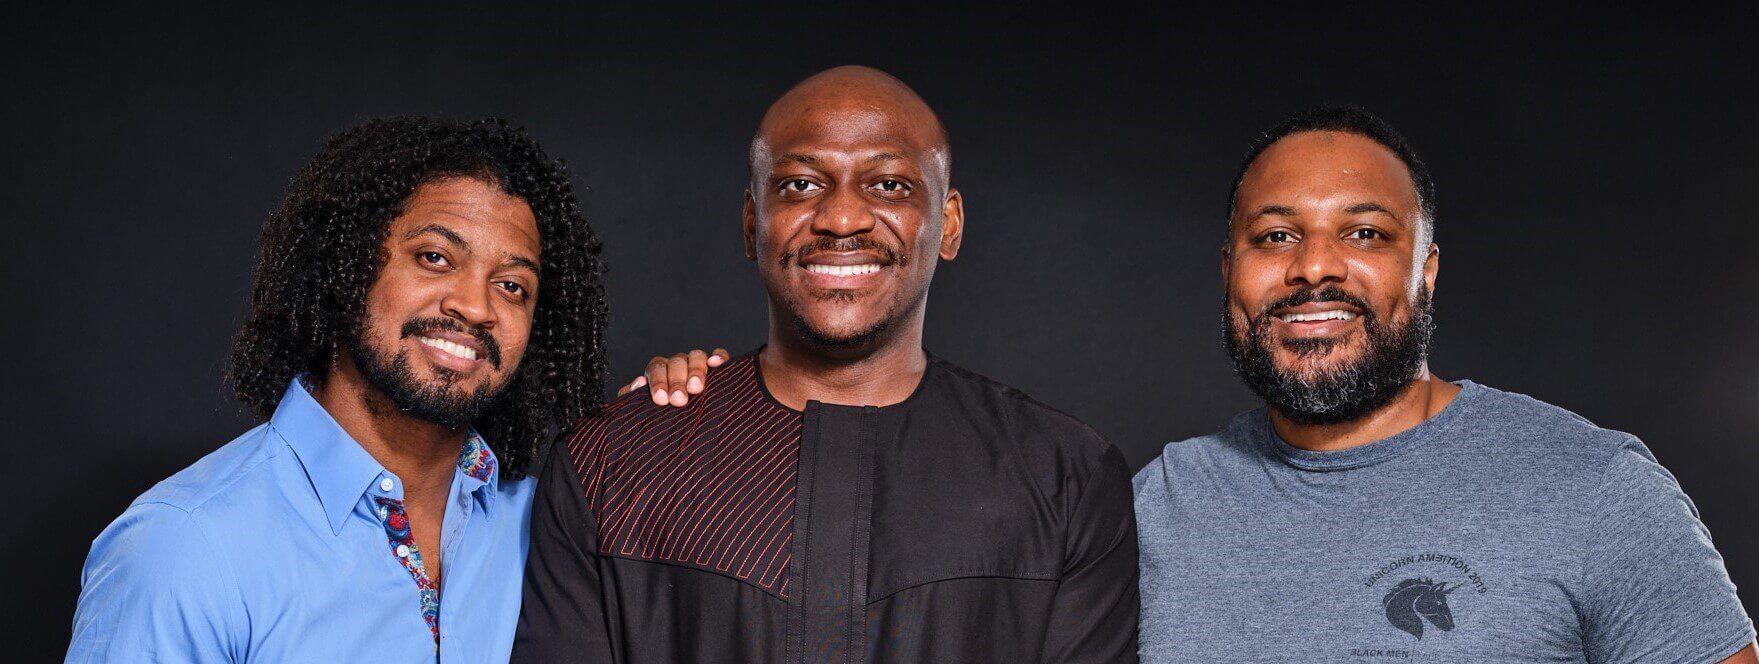 Black Men Talk Tech founders